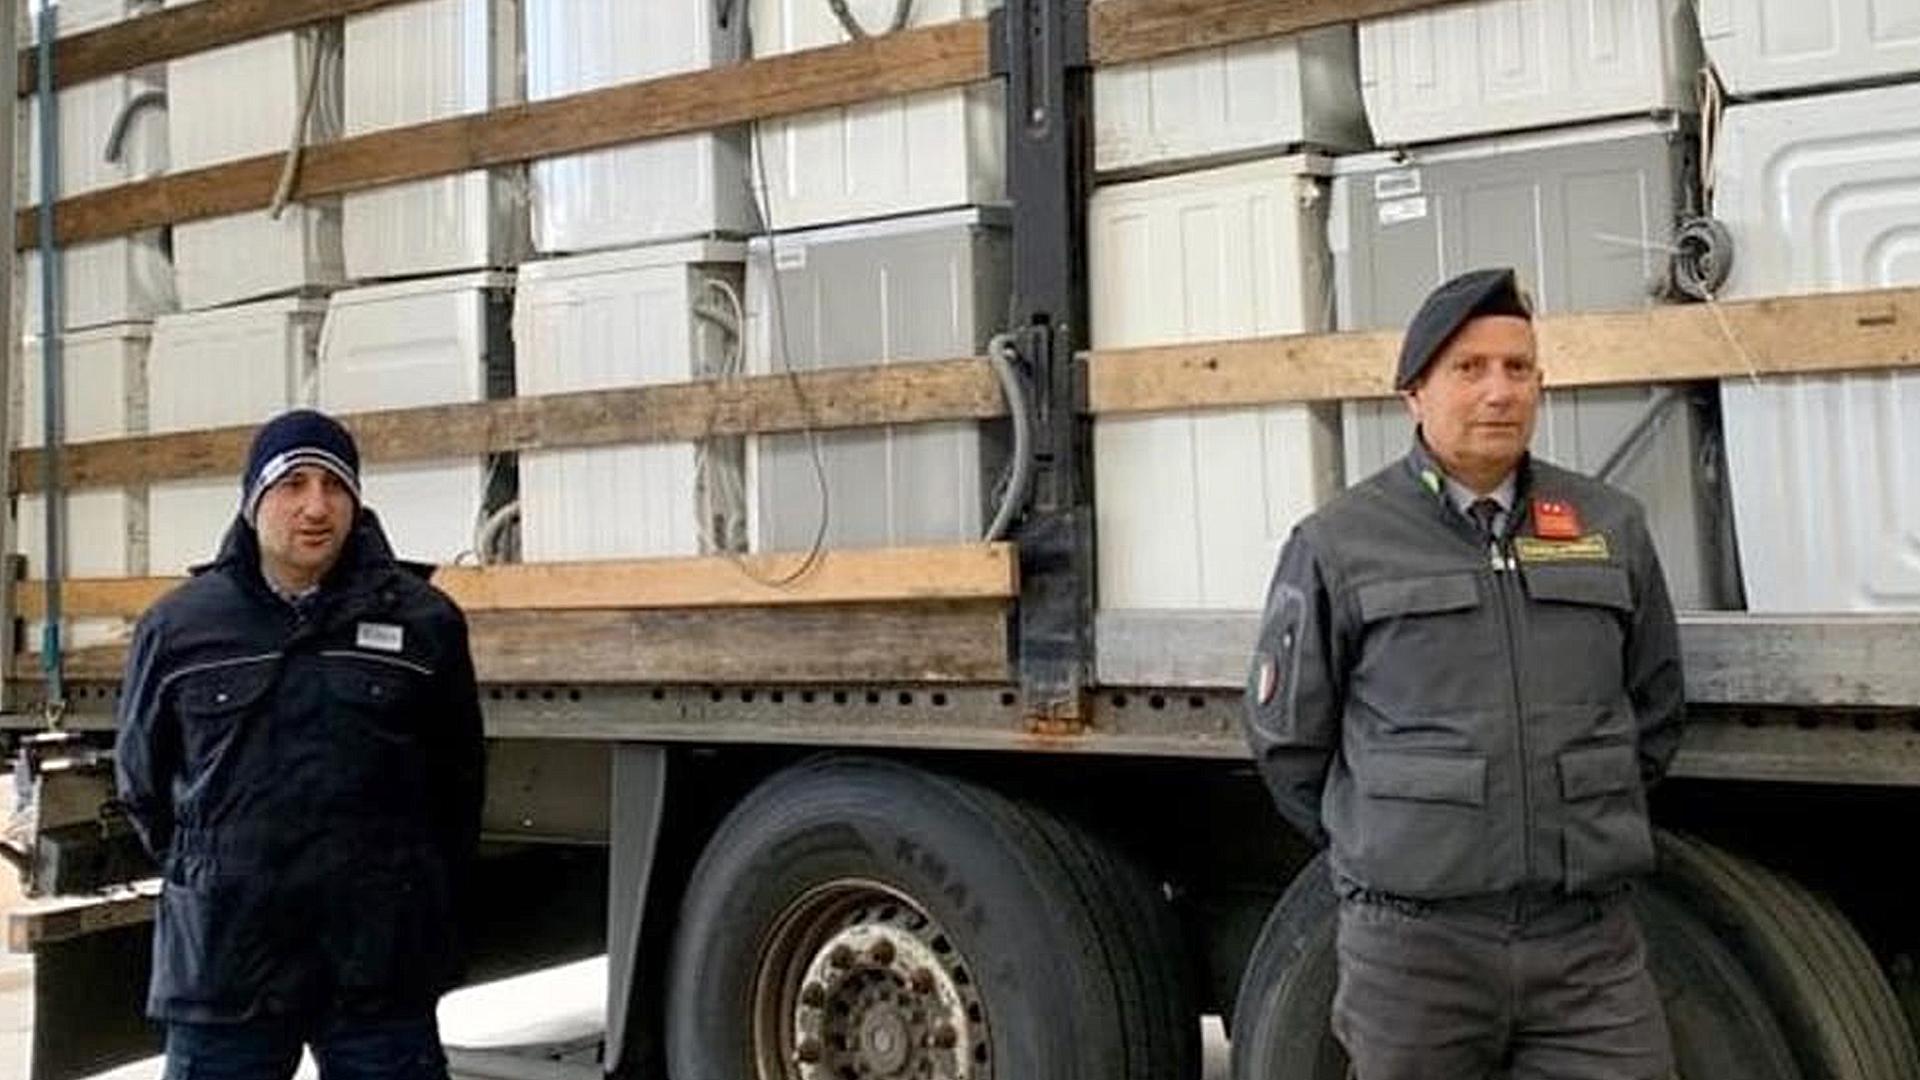 Bari, sekuestrohen 12 tonë mbetje elektronike të destinuara për Shqipërinë